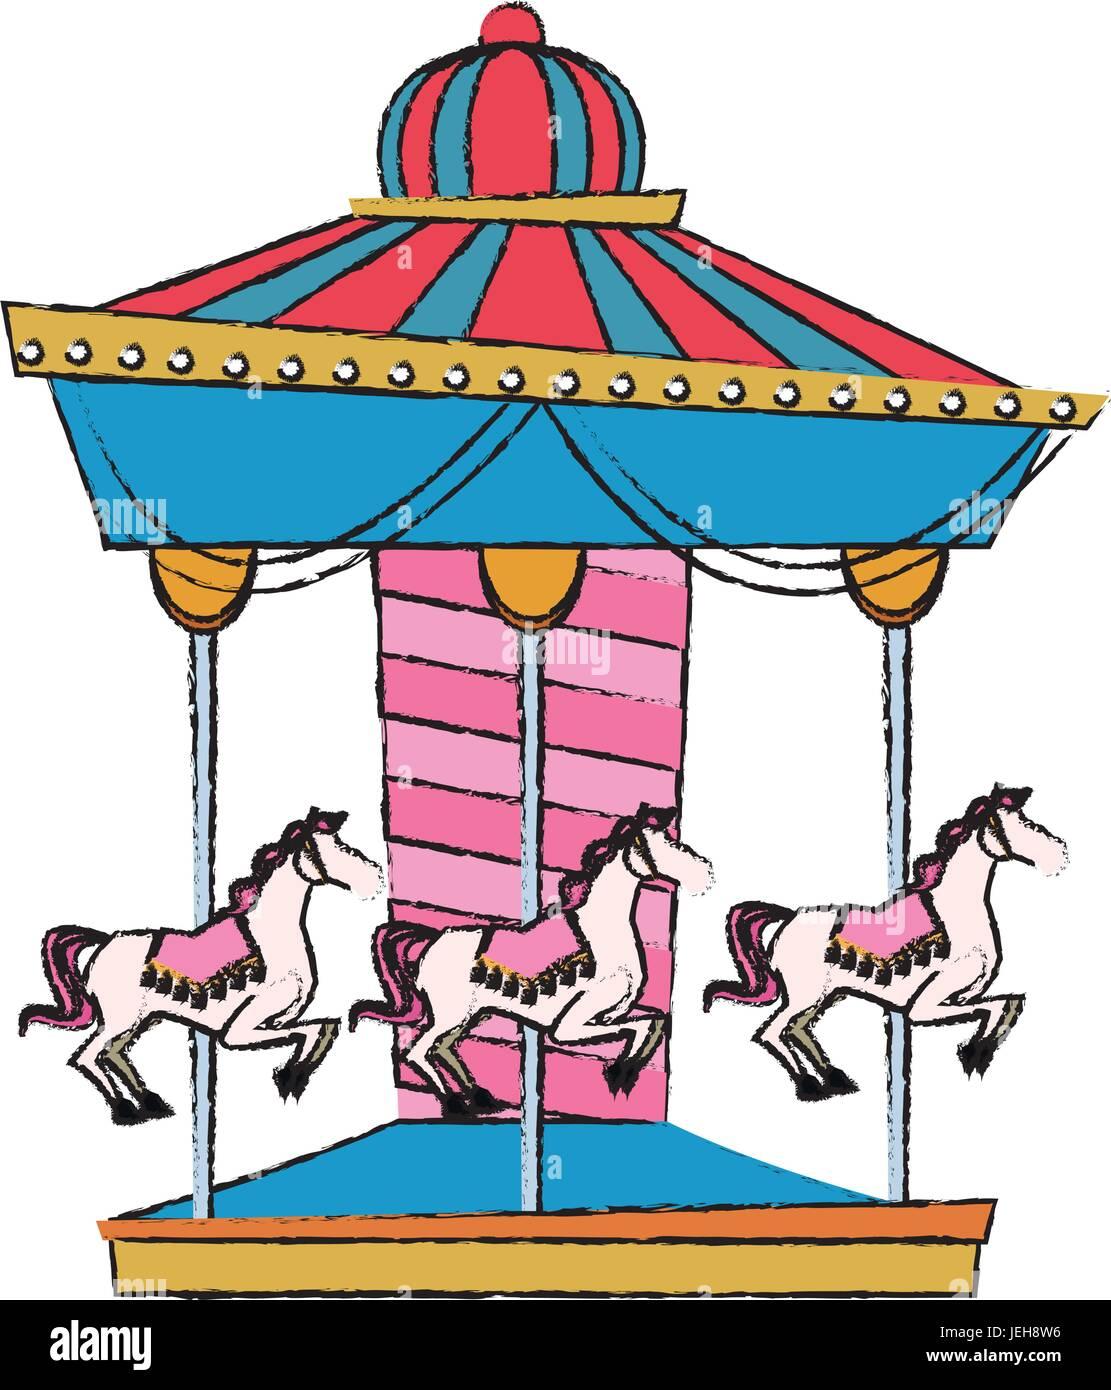 42091 - Fun Fair Rides Cartoon , Free Transparent Clipart - ClipartKey